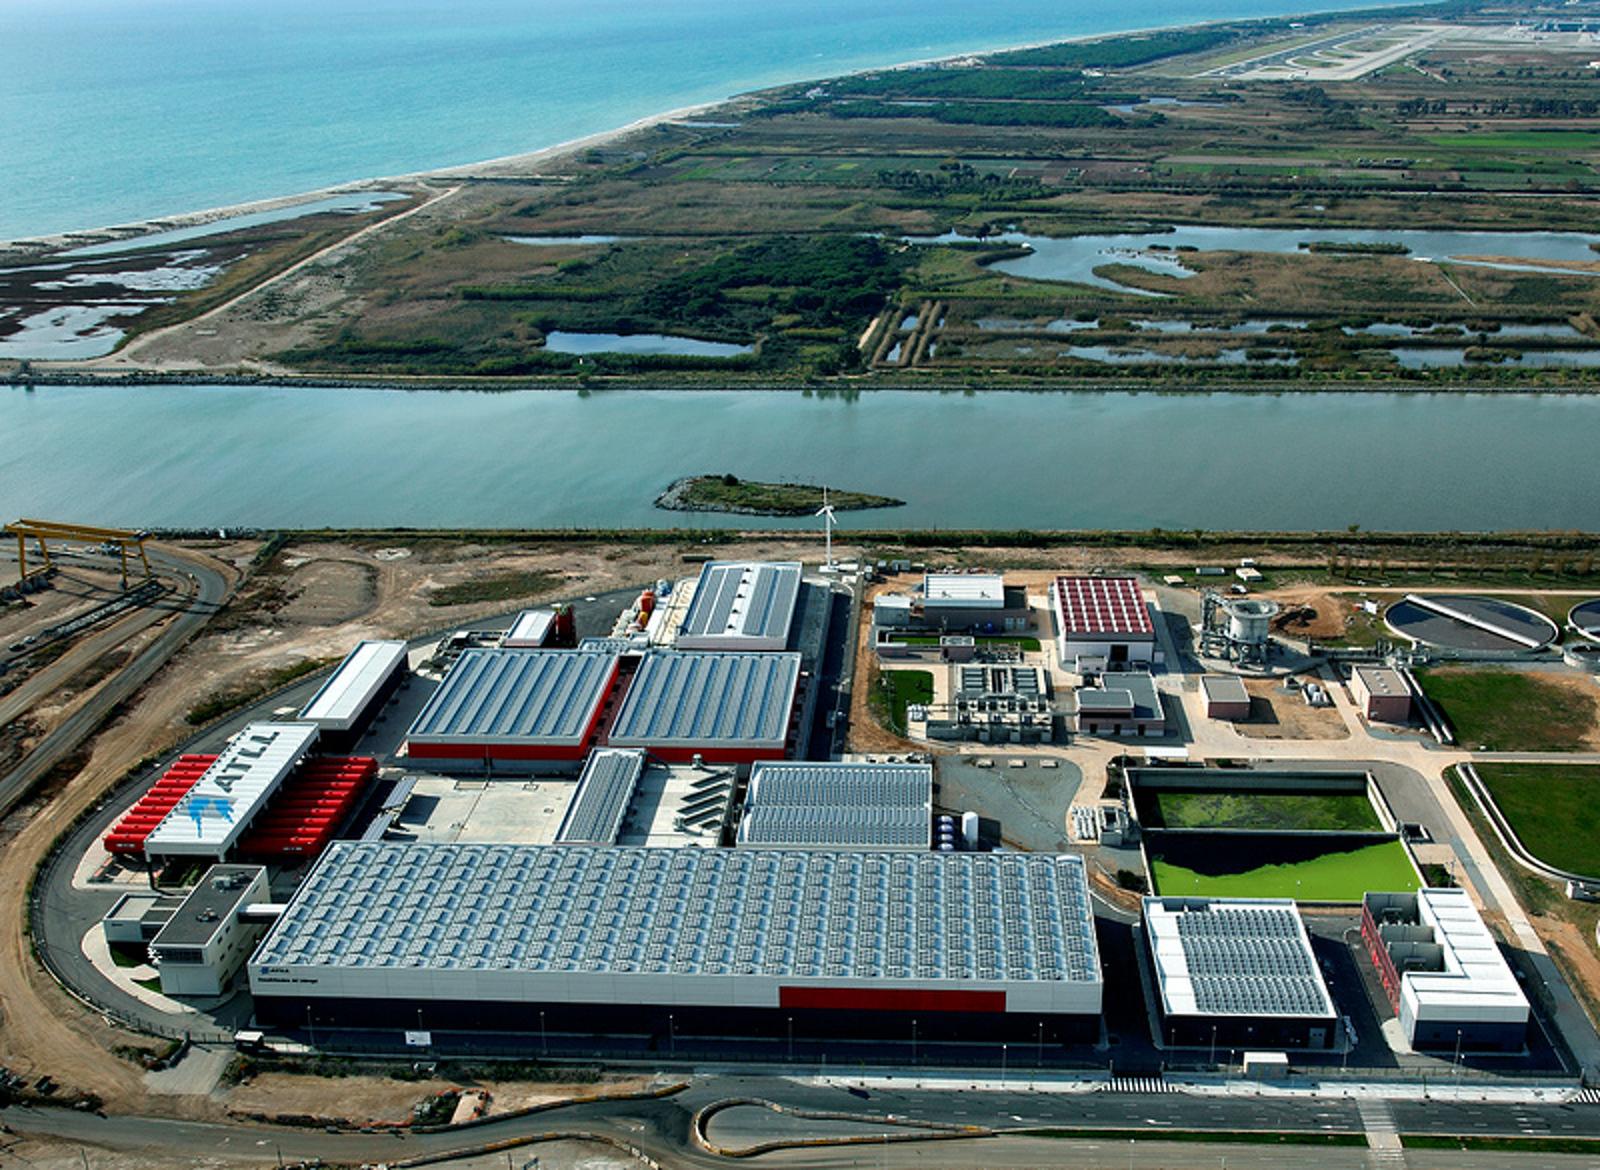 La dessalinitzadora del Llobregat